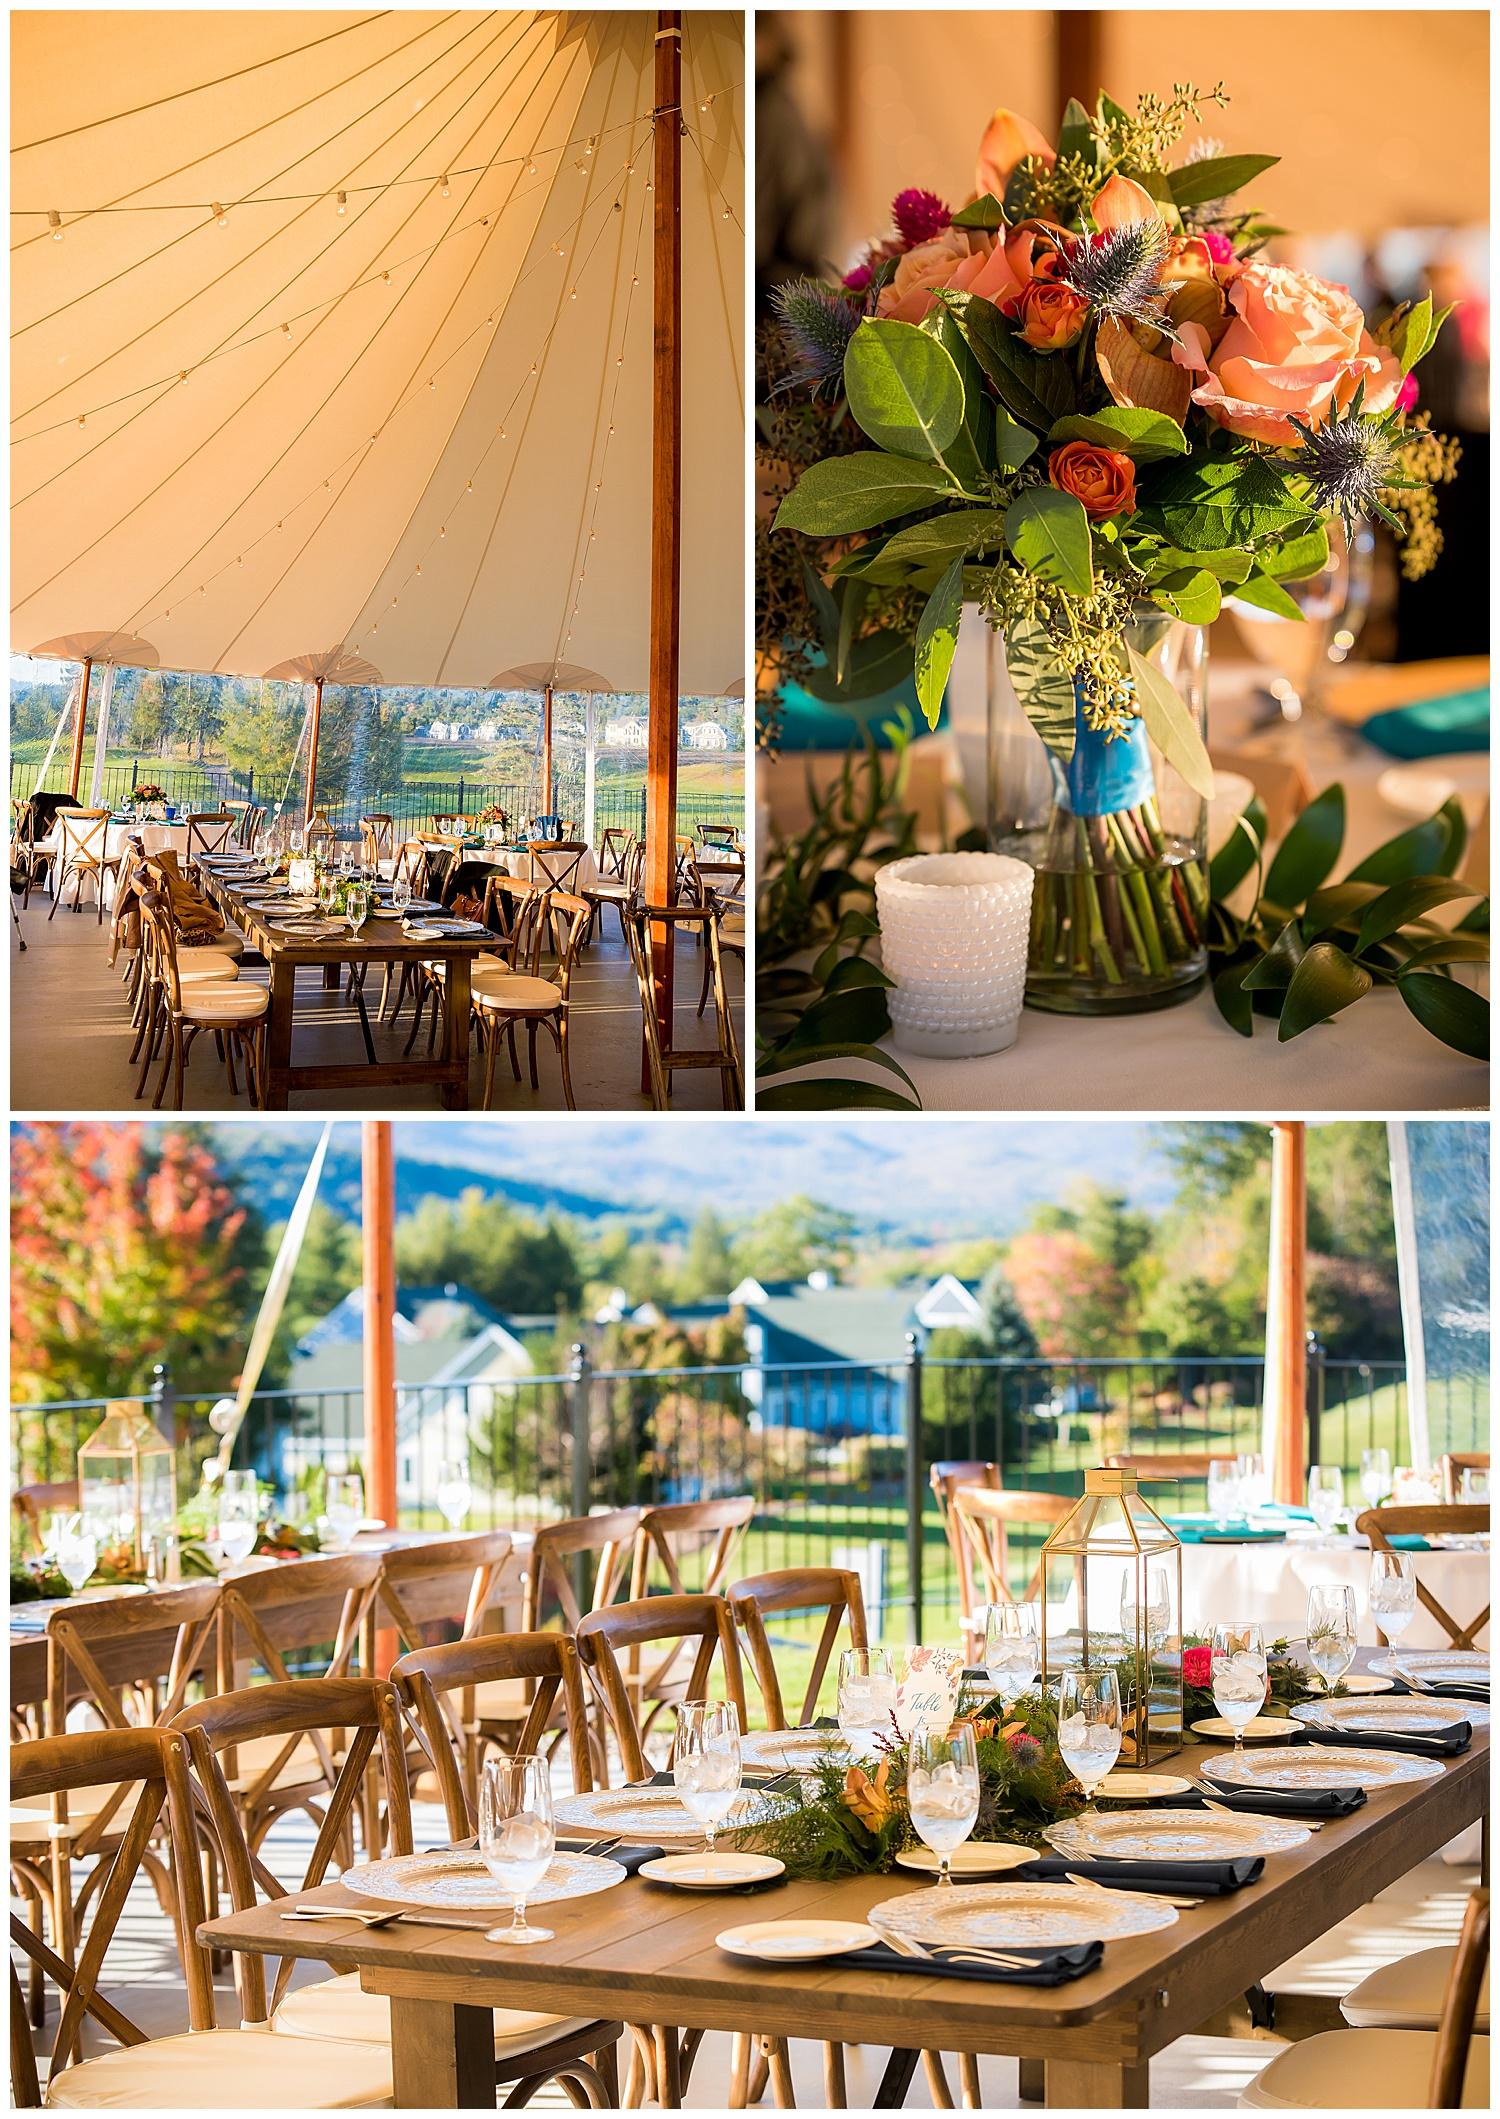 Owl's Nest White Mountain Wedding - Sailcloth Tent